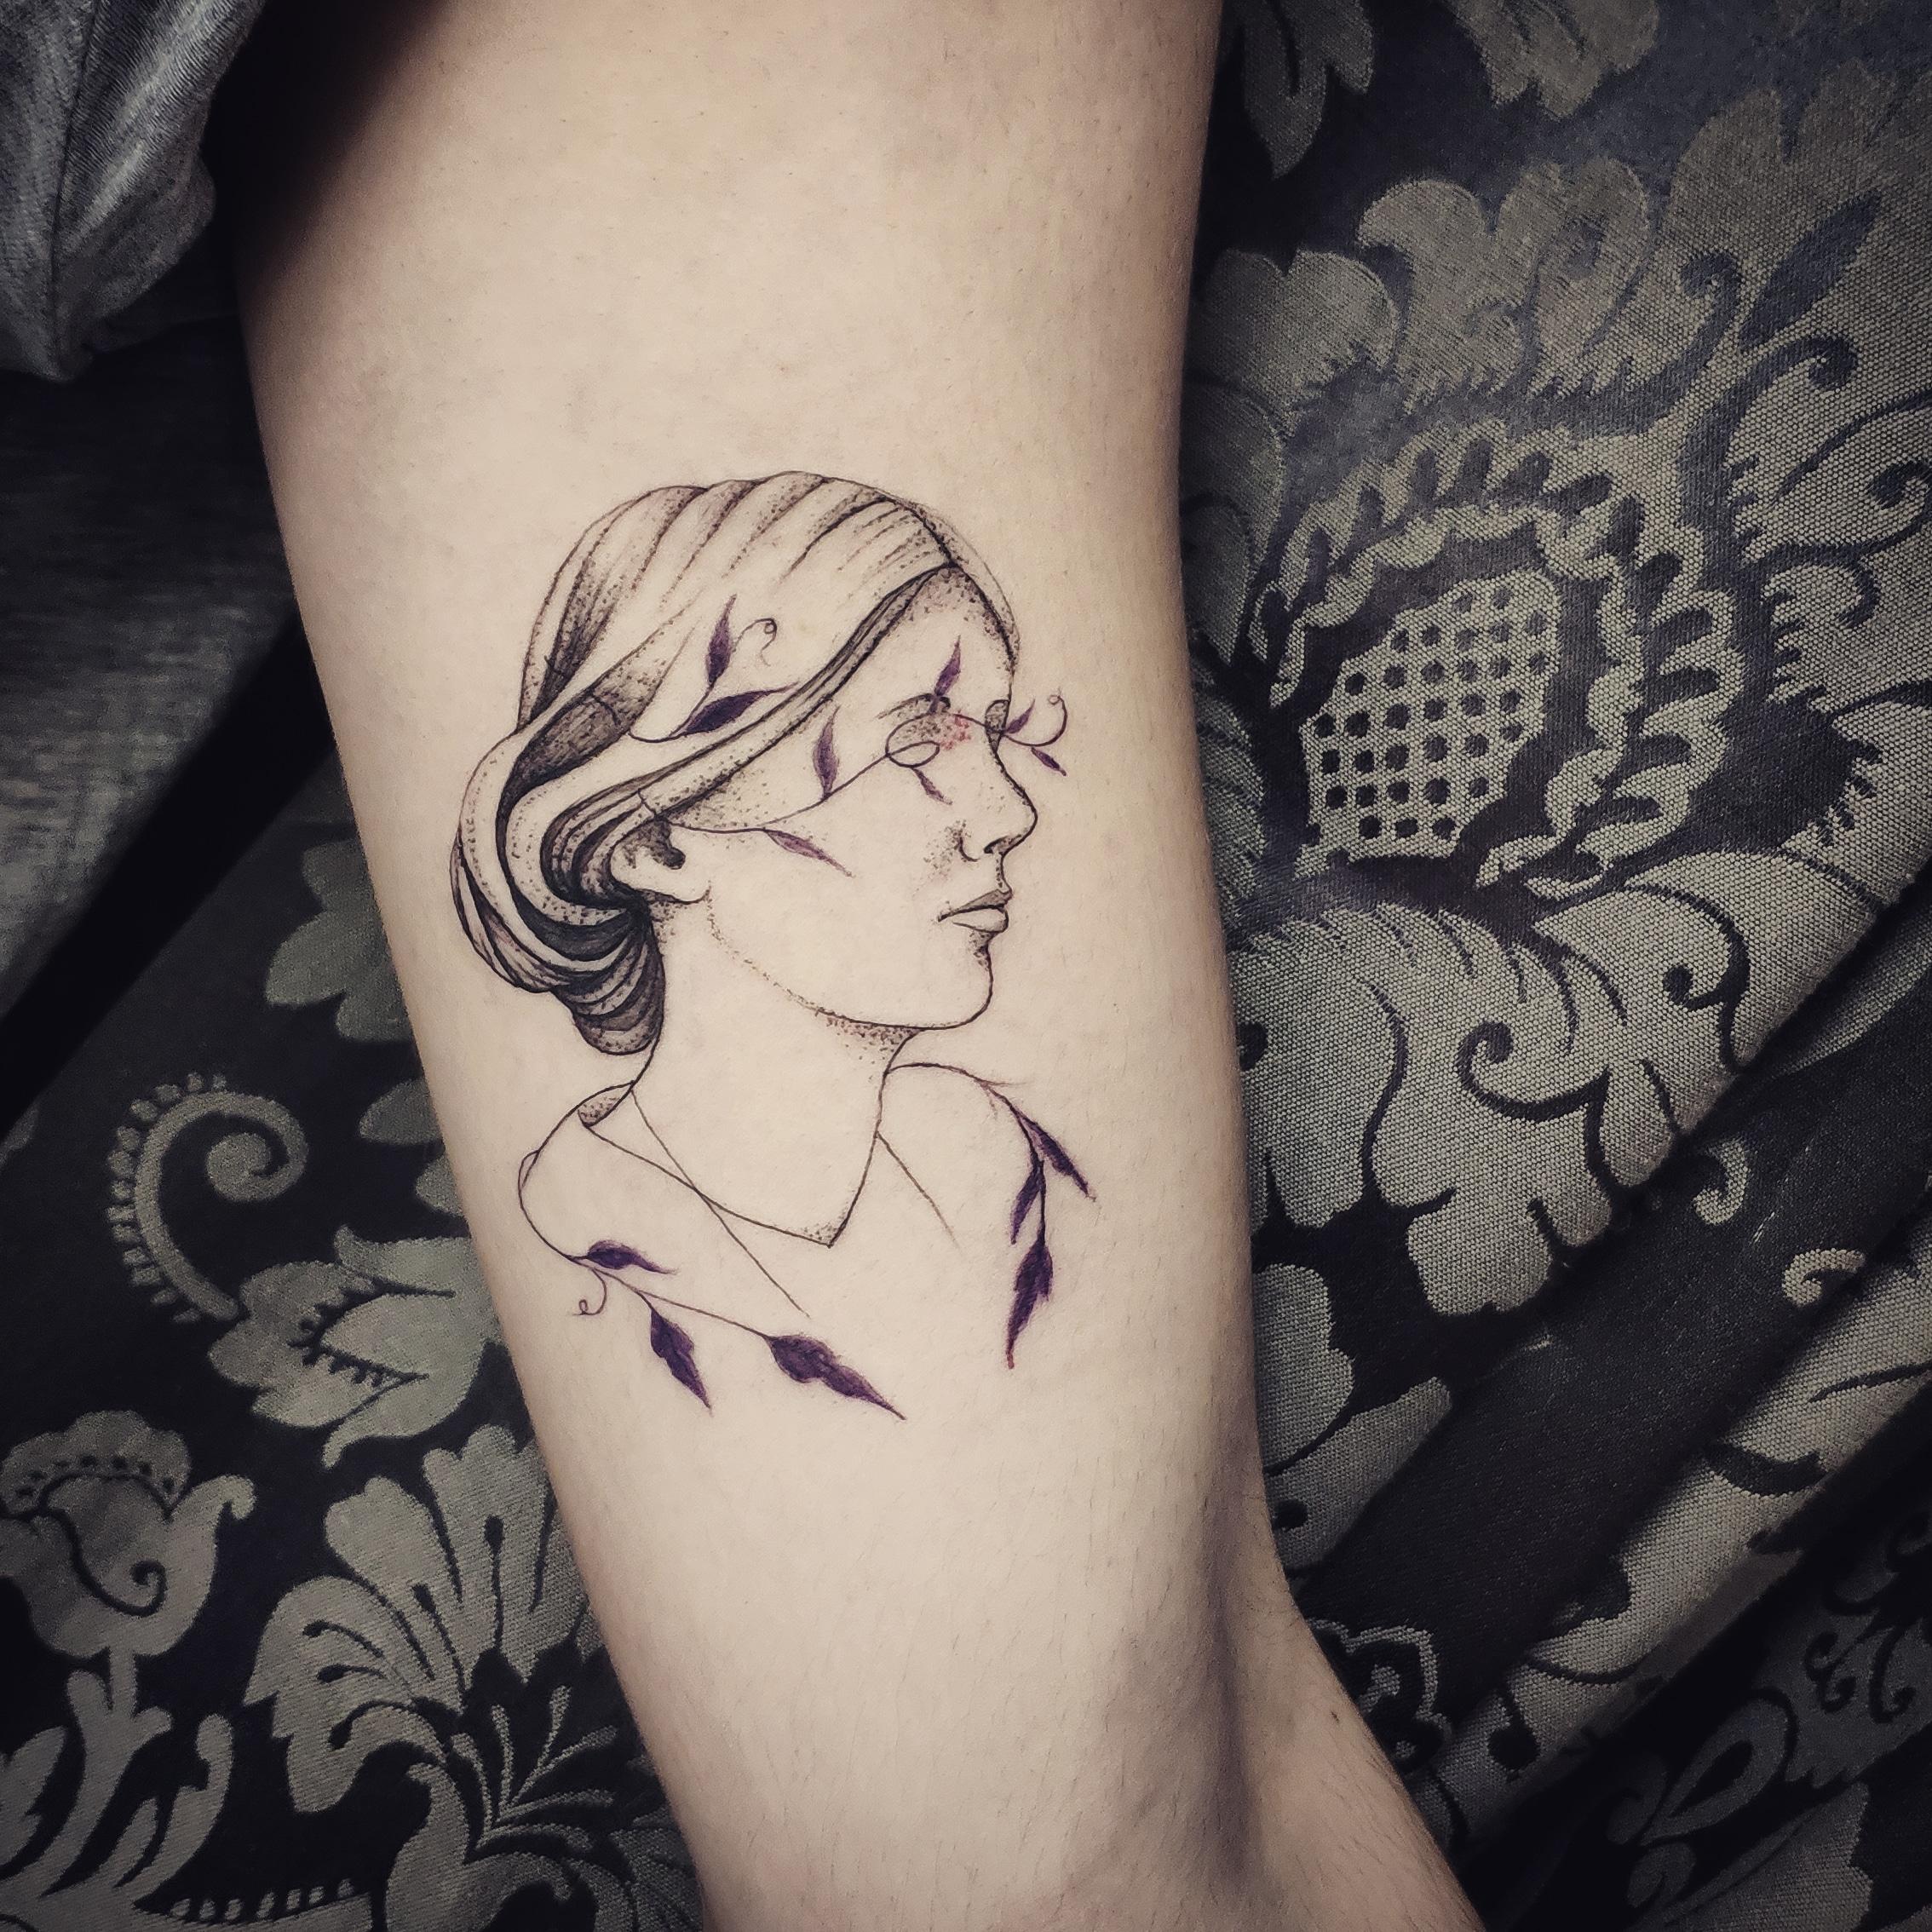 geometria, tatuajegeometrico, madridtattoo, tattooshopmadrid, geometrictattoo, lineamuyfina, tatuajelineafina, finelinetattoo, fineline, hiperfineline, mejorestatuajesmadrid, lineafinamadrid, puntillismomadrid, feminismomadrid